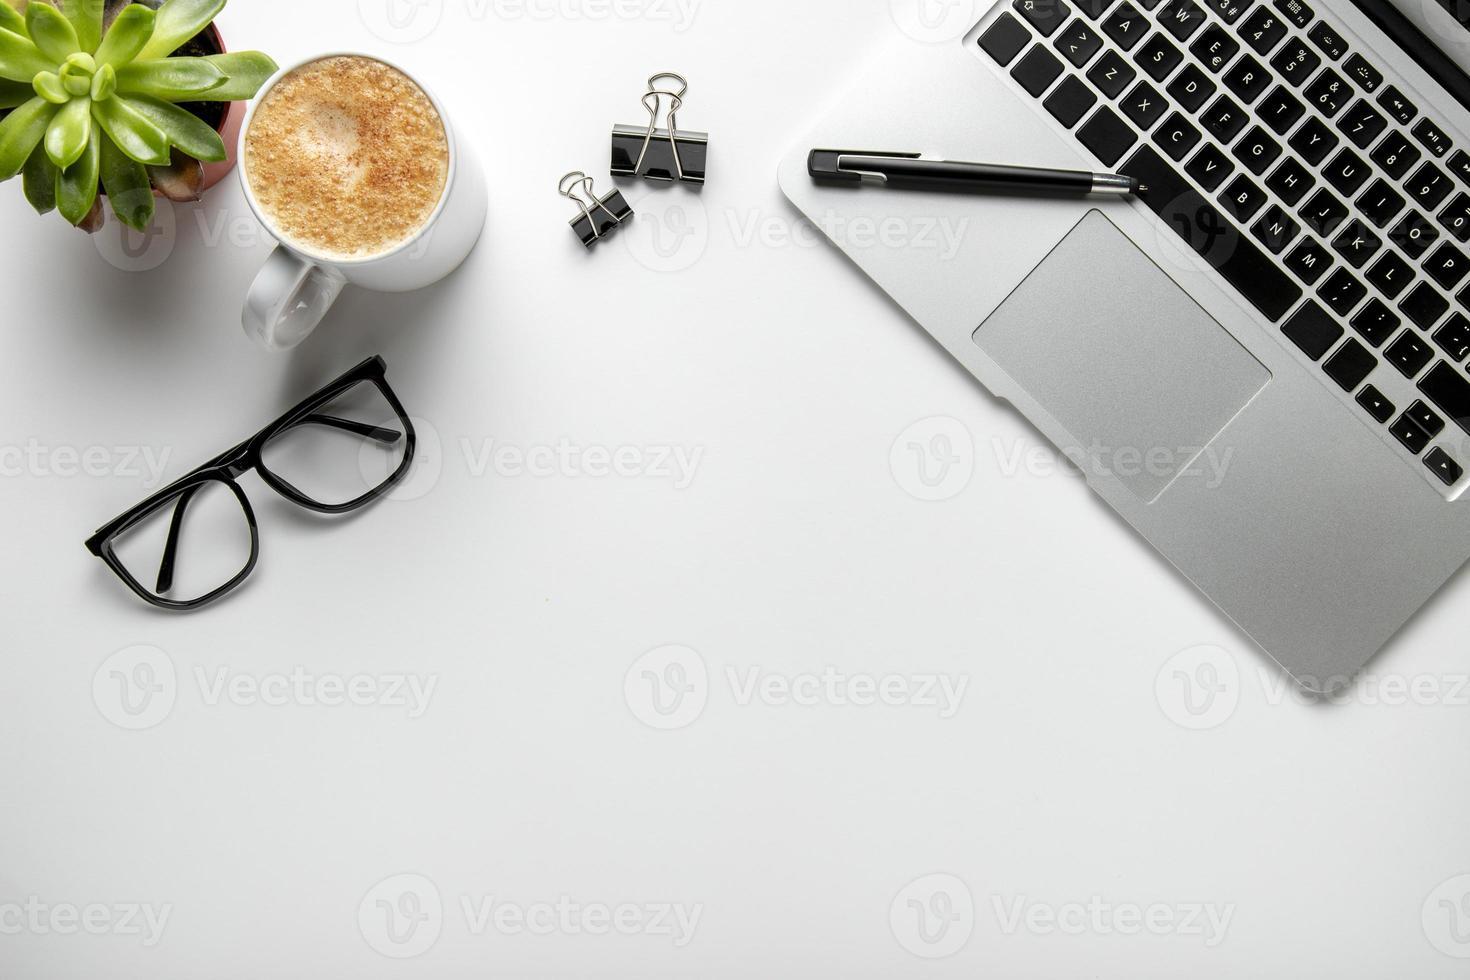 bureau plat avec ordinateur portable et lunettes photo